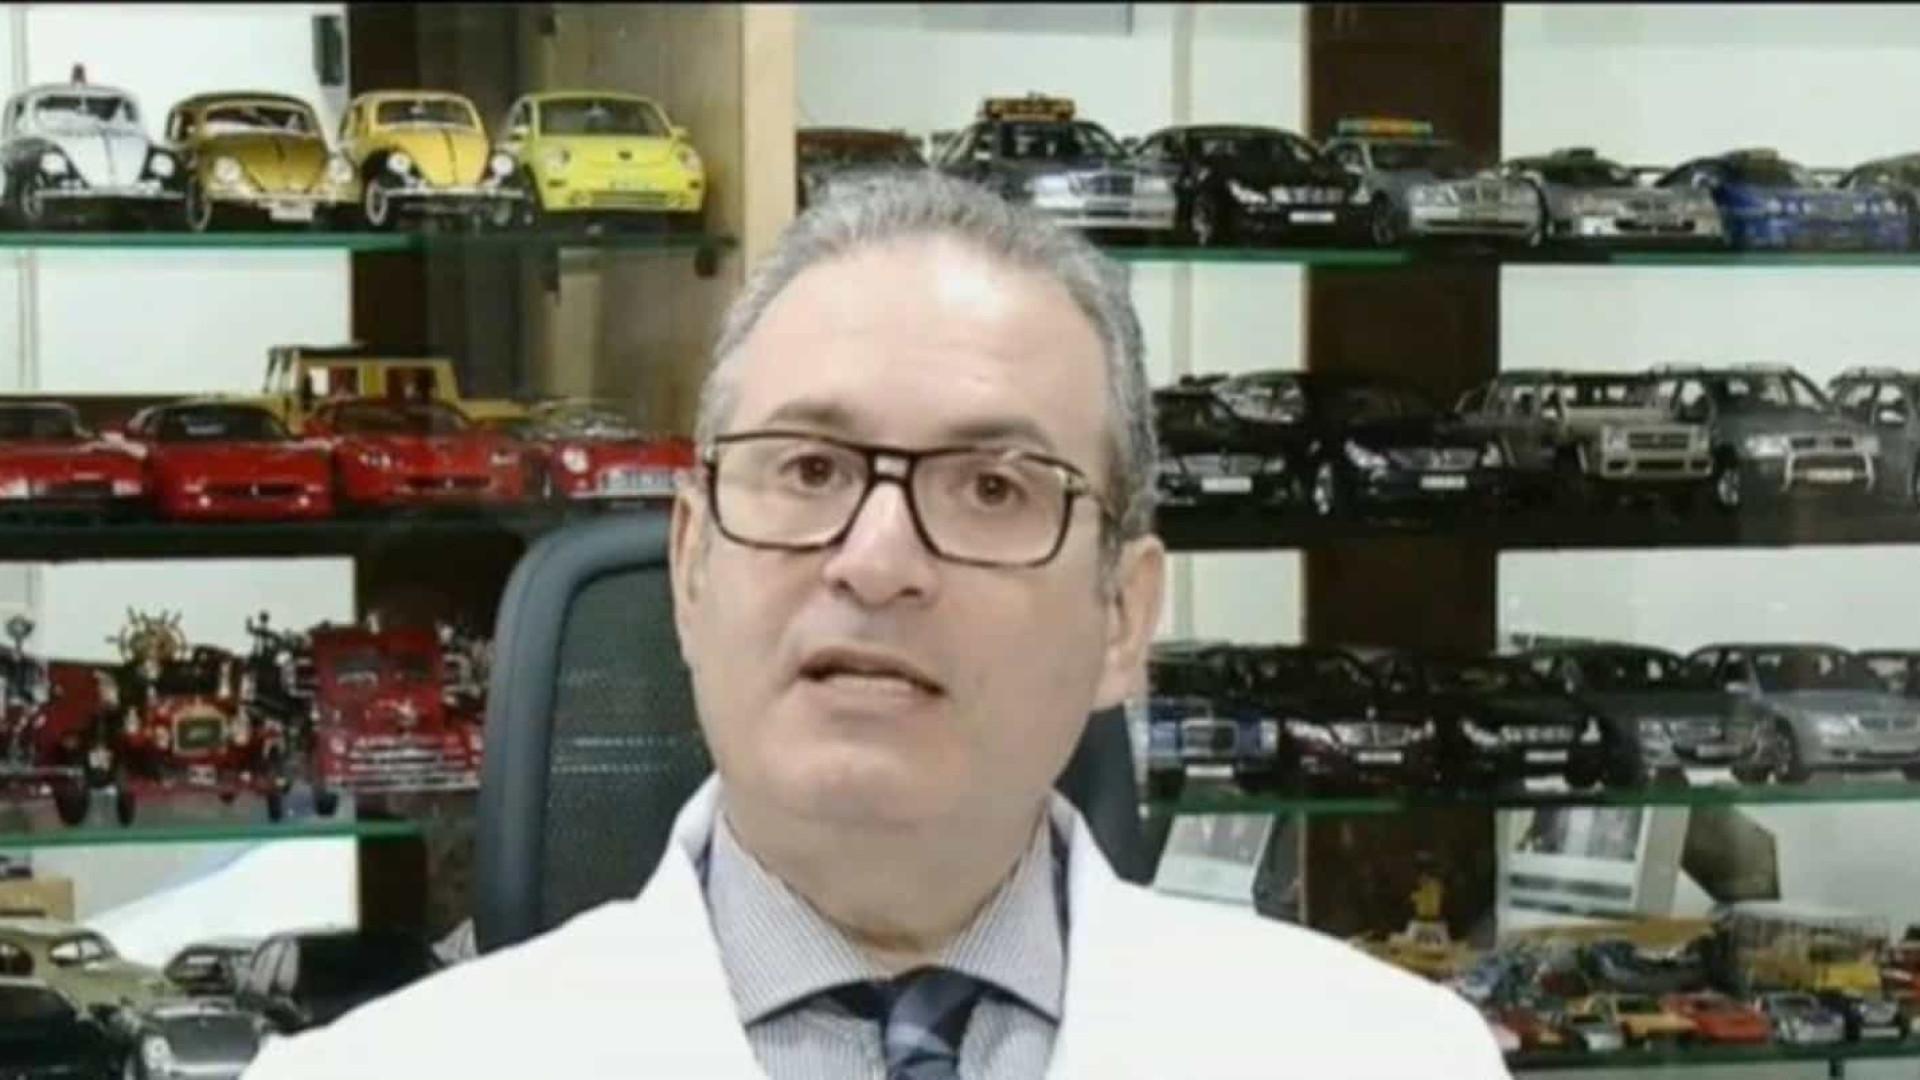 Abuso sexual: MP de São Paulo cria canal de denúncia contra nutrólogo